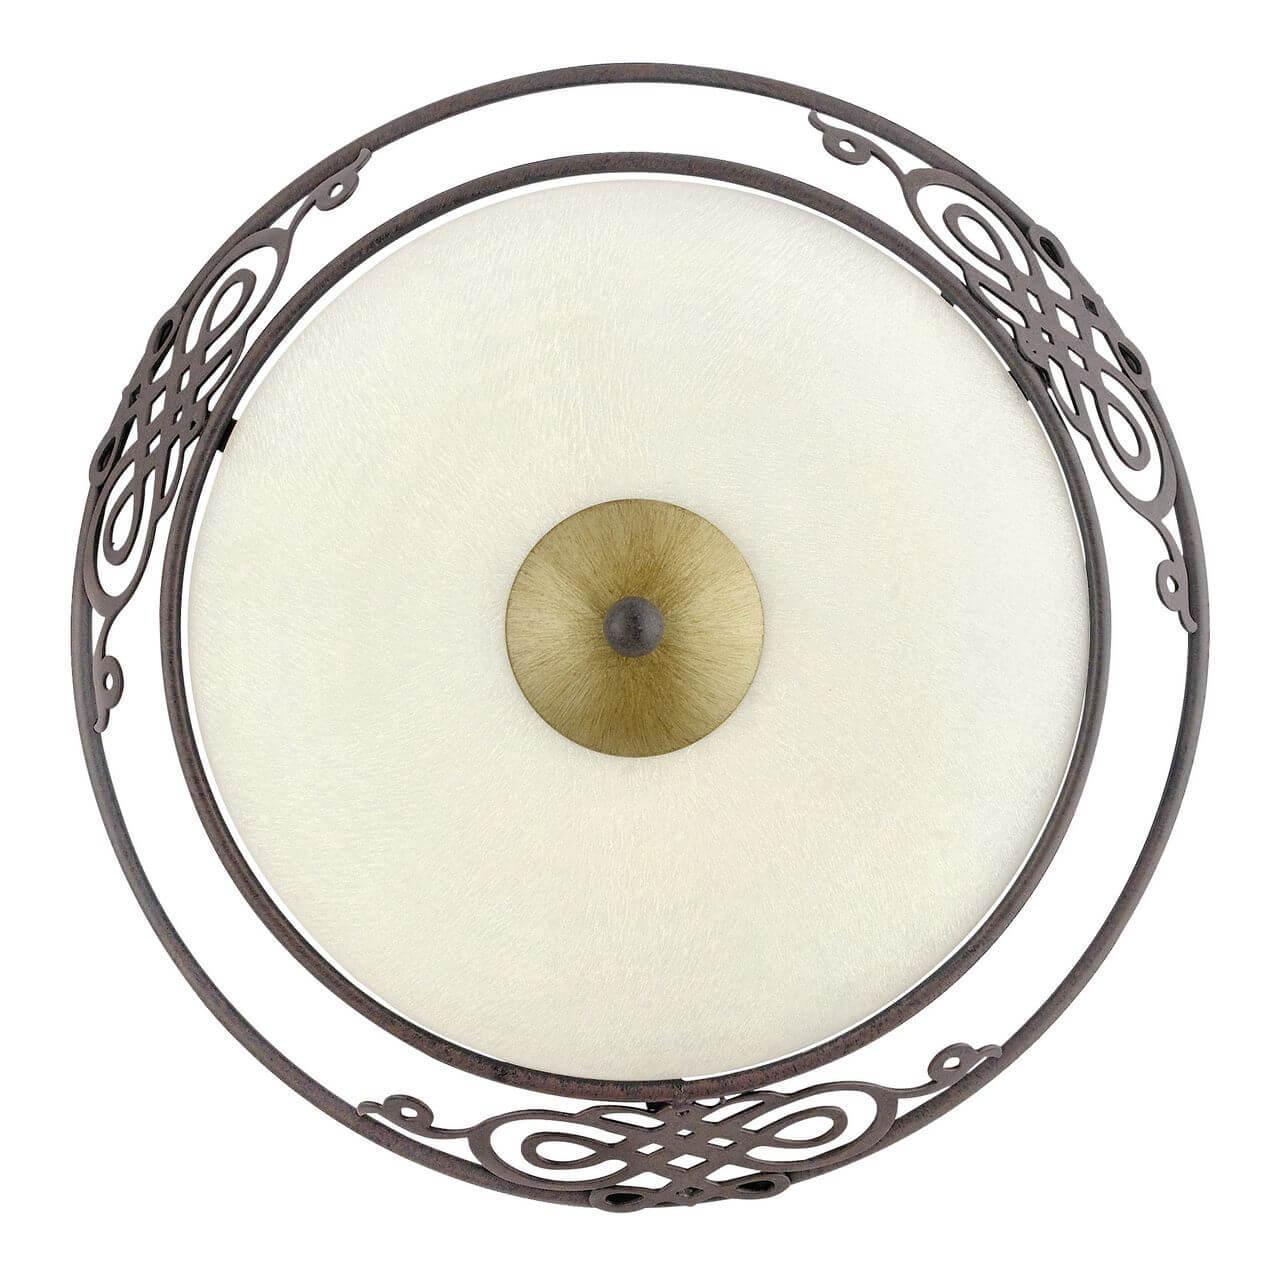 Настенно-потолочный светильник Eglo 86711, E27, 60 Вт